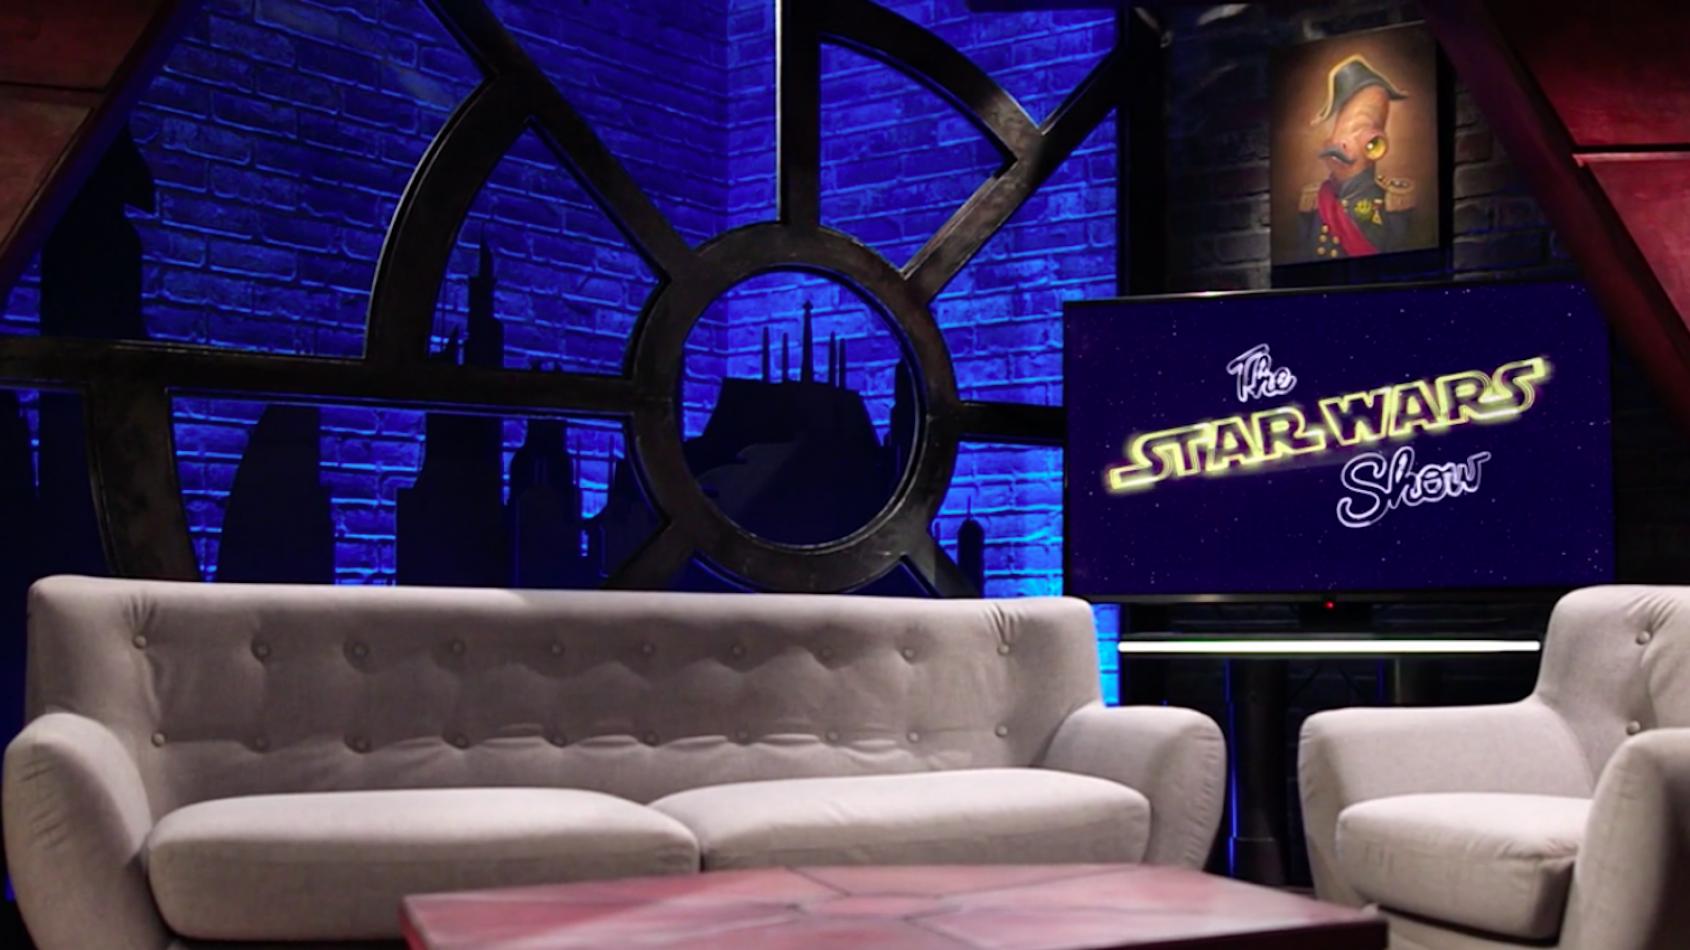 Star Wars Show, une émission hebdomadaire